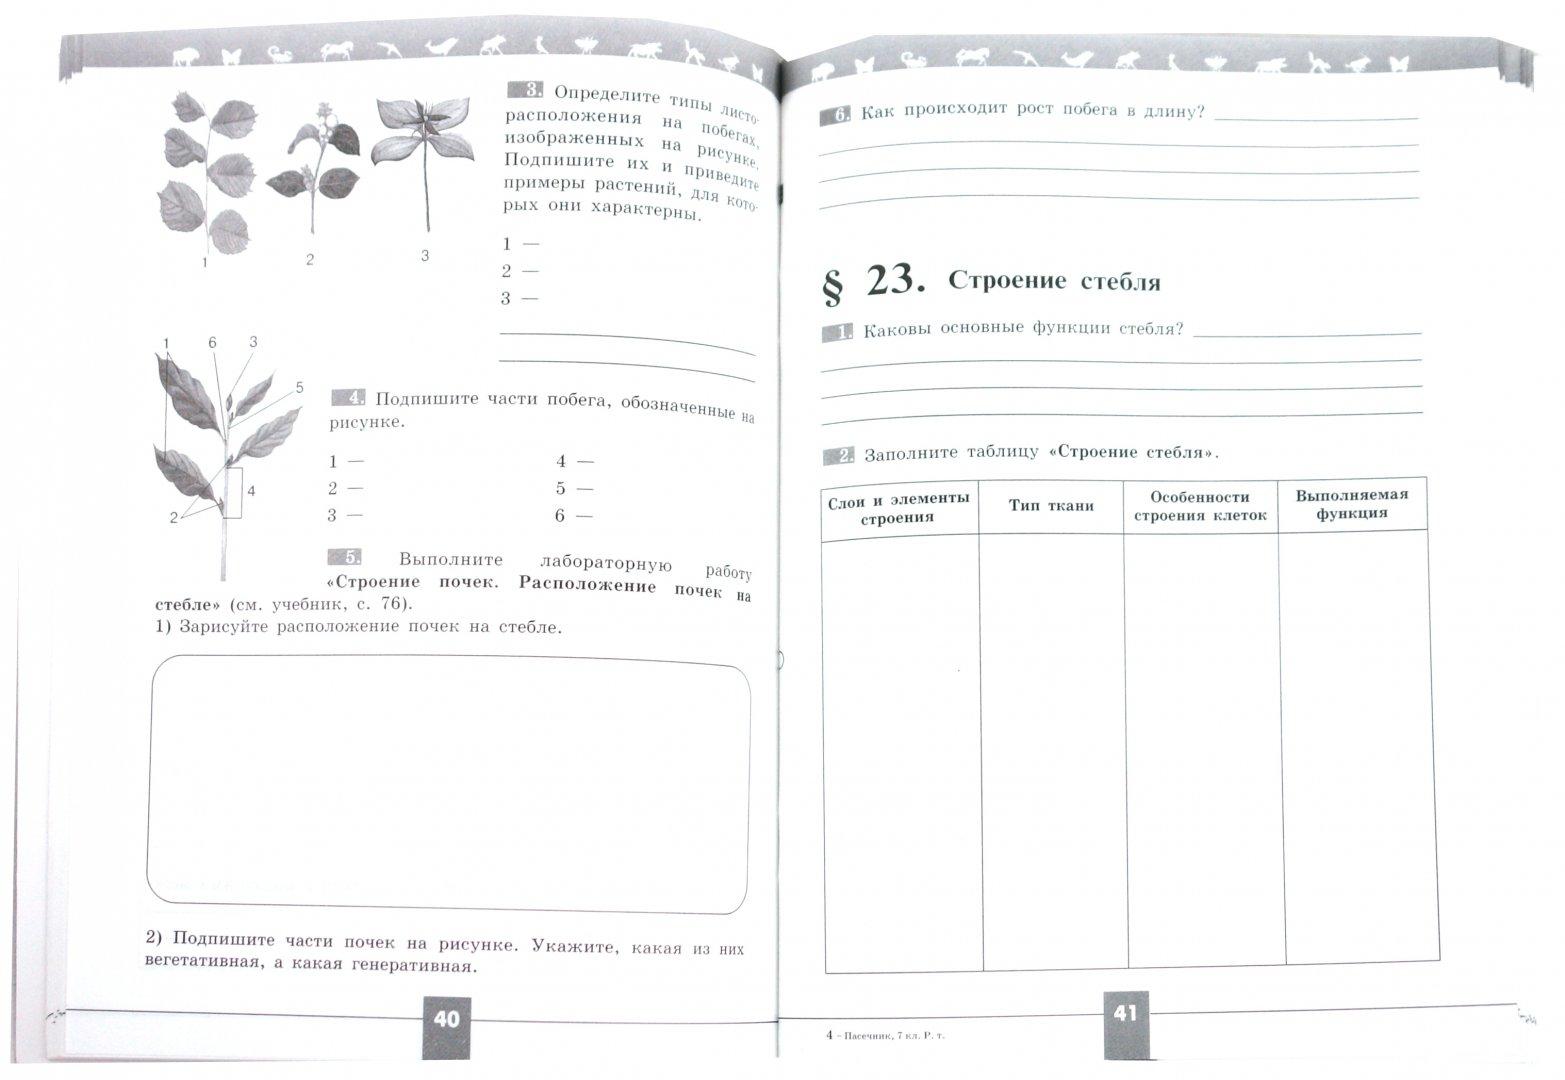 Иллюстрация 1 из 6 для Биология. 7 класс. Рабочая тетрадь. ФГОС - Пасечник, Калинова, Суматохин, Швецов | Лабиринт - книги. Источник: Лабиринт